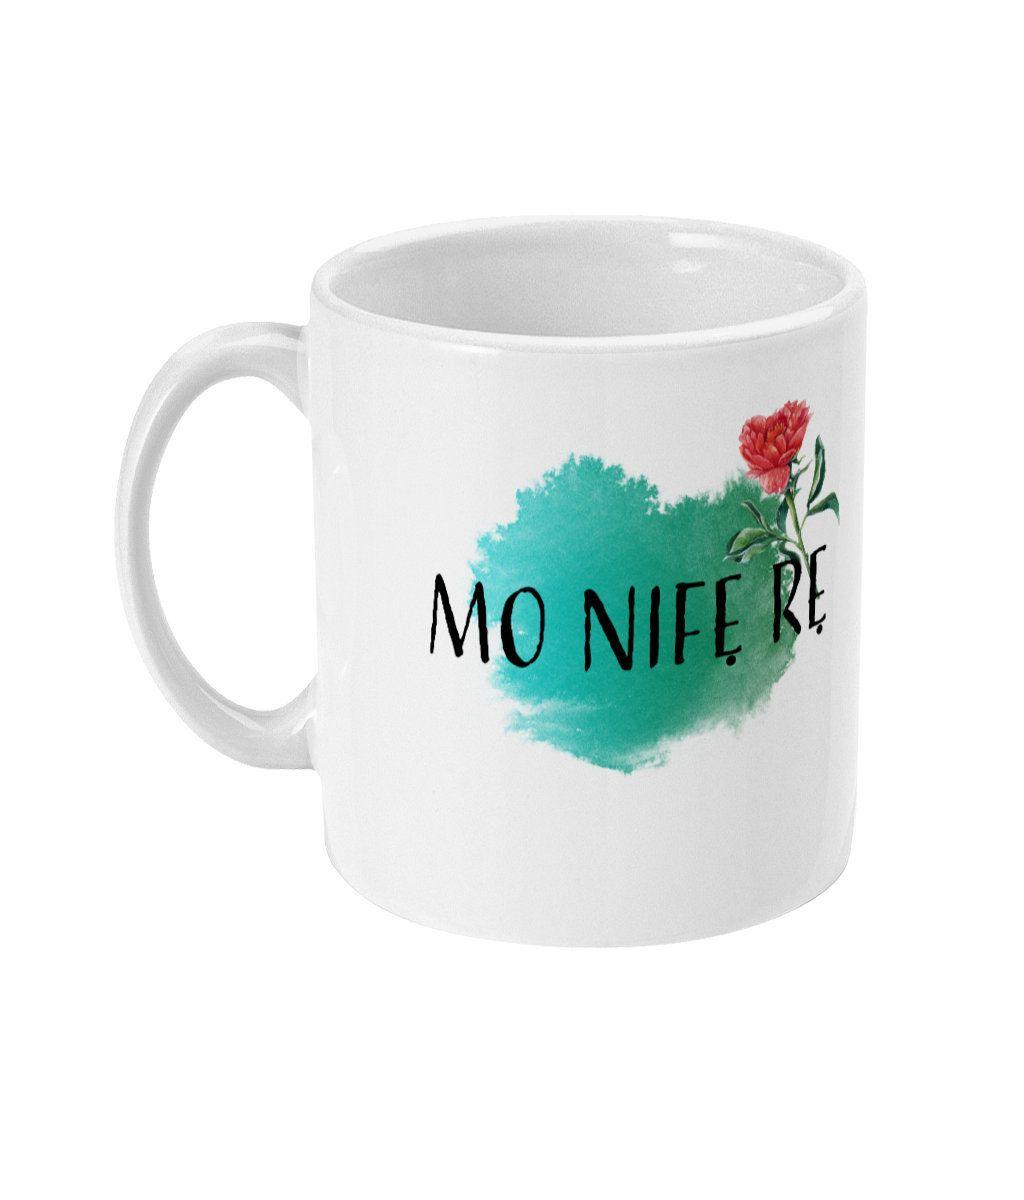 11oz / 15oz Ceramic Mug Print, I Love You Yoruba Mug